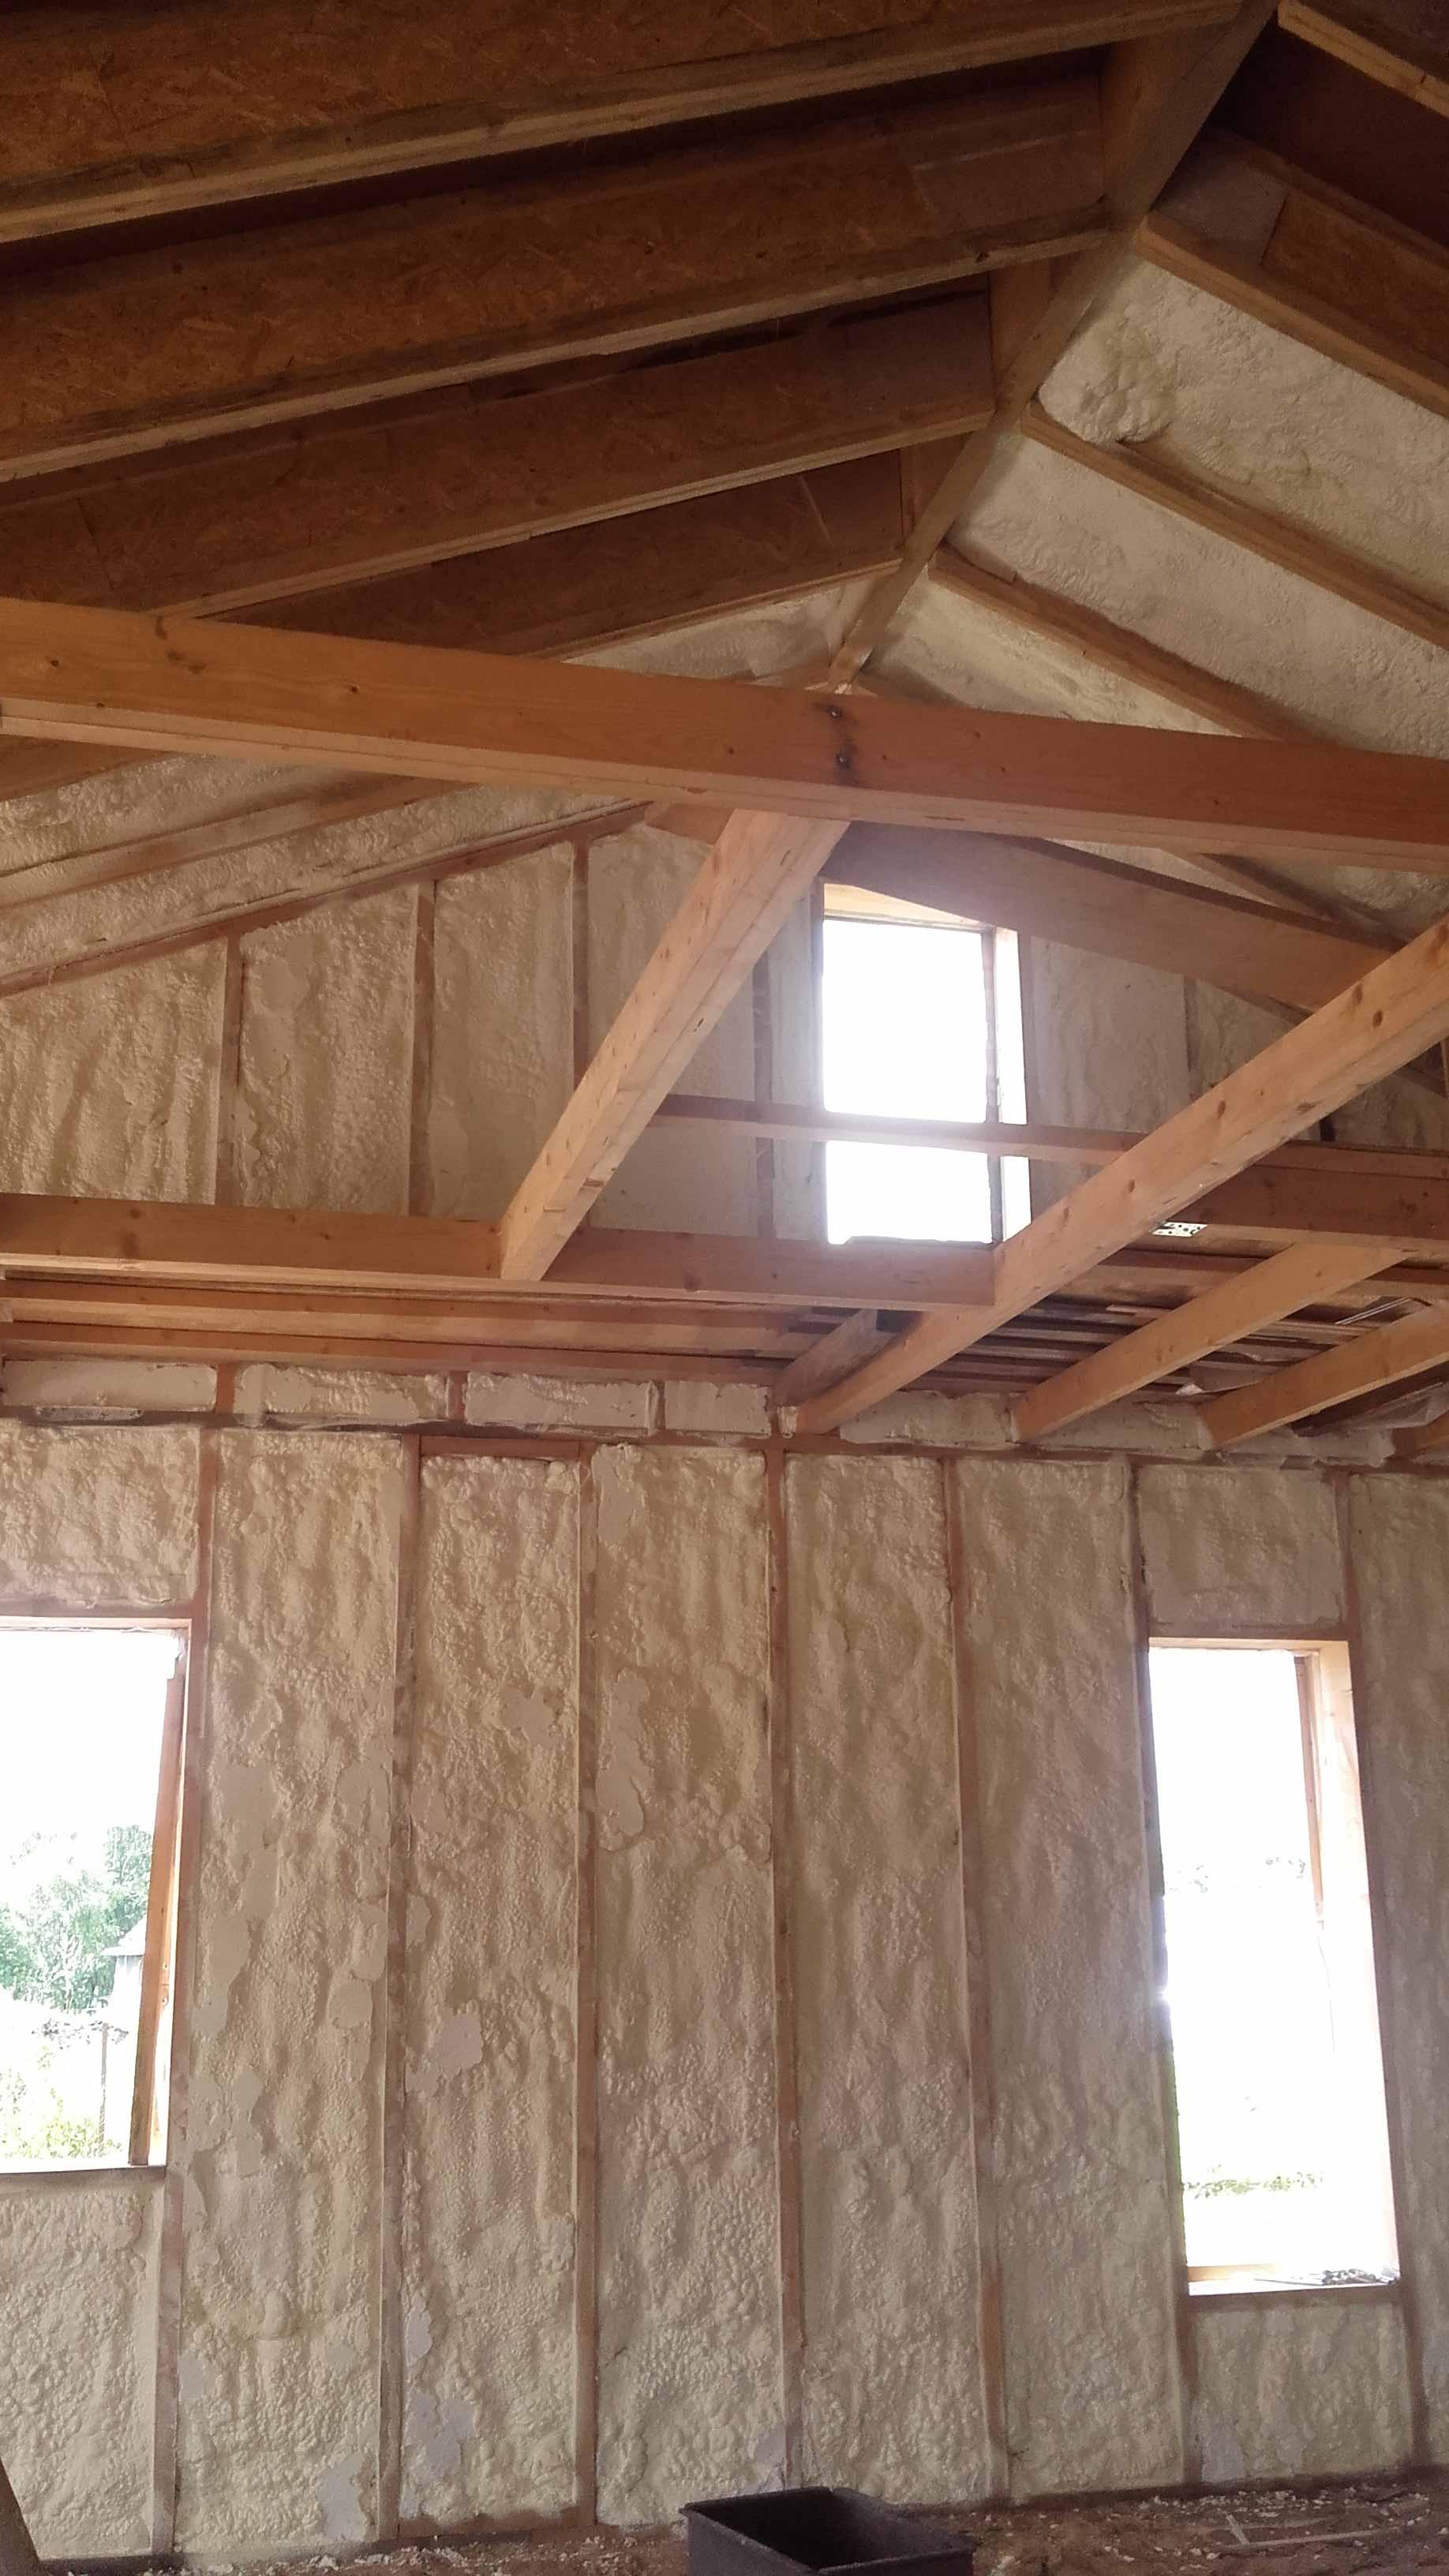 Karkasinis namas apšiltintas poliuretano putomis